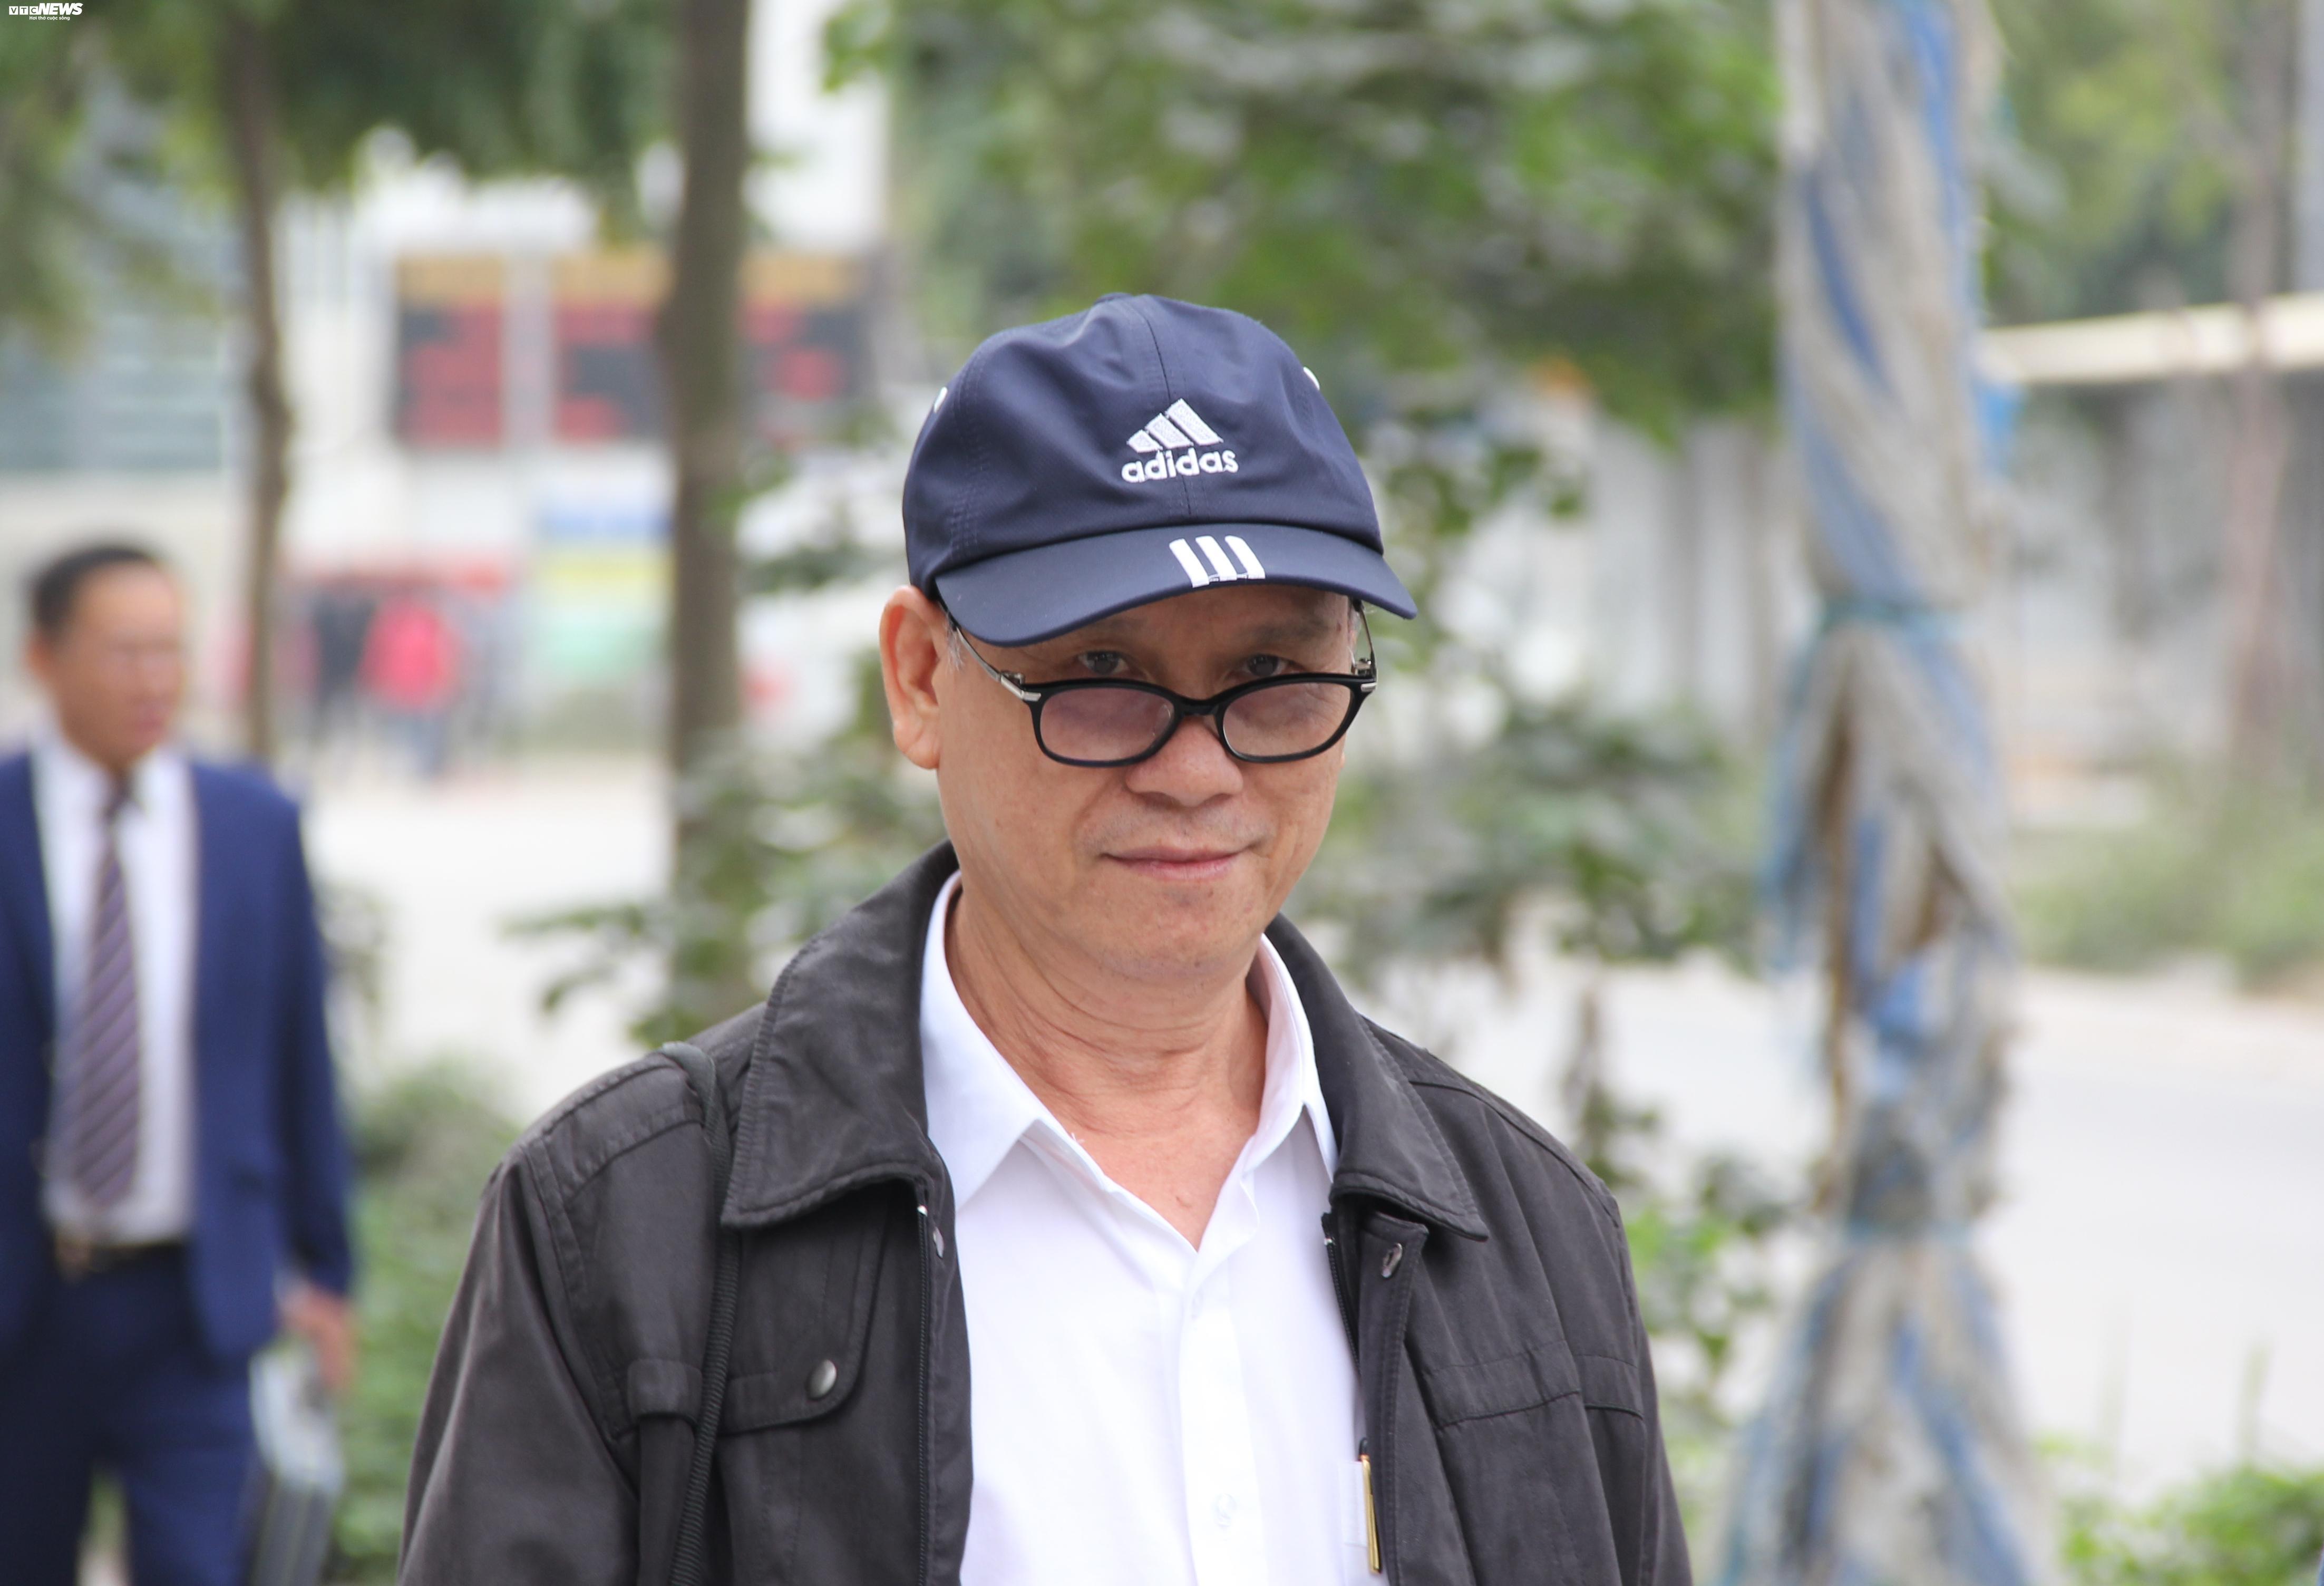 Giúp Vũ 'nhôm' thâu tóm đất công, cựu Chủ tịch Đà Nẵng nói 'tôi không sai phạm'